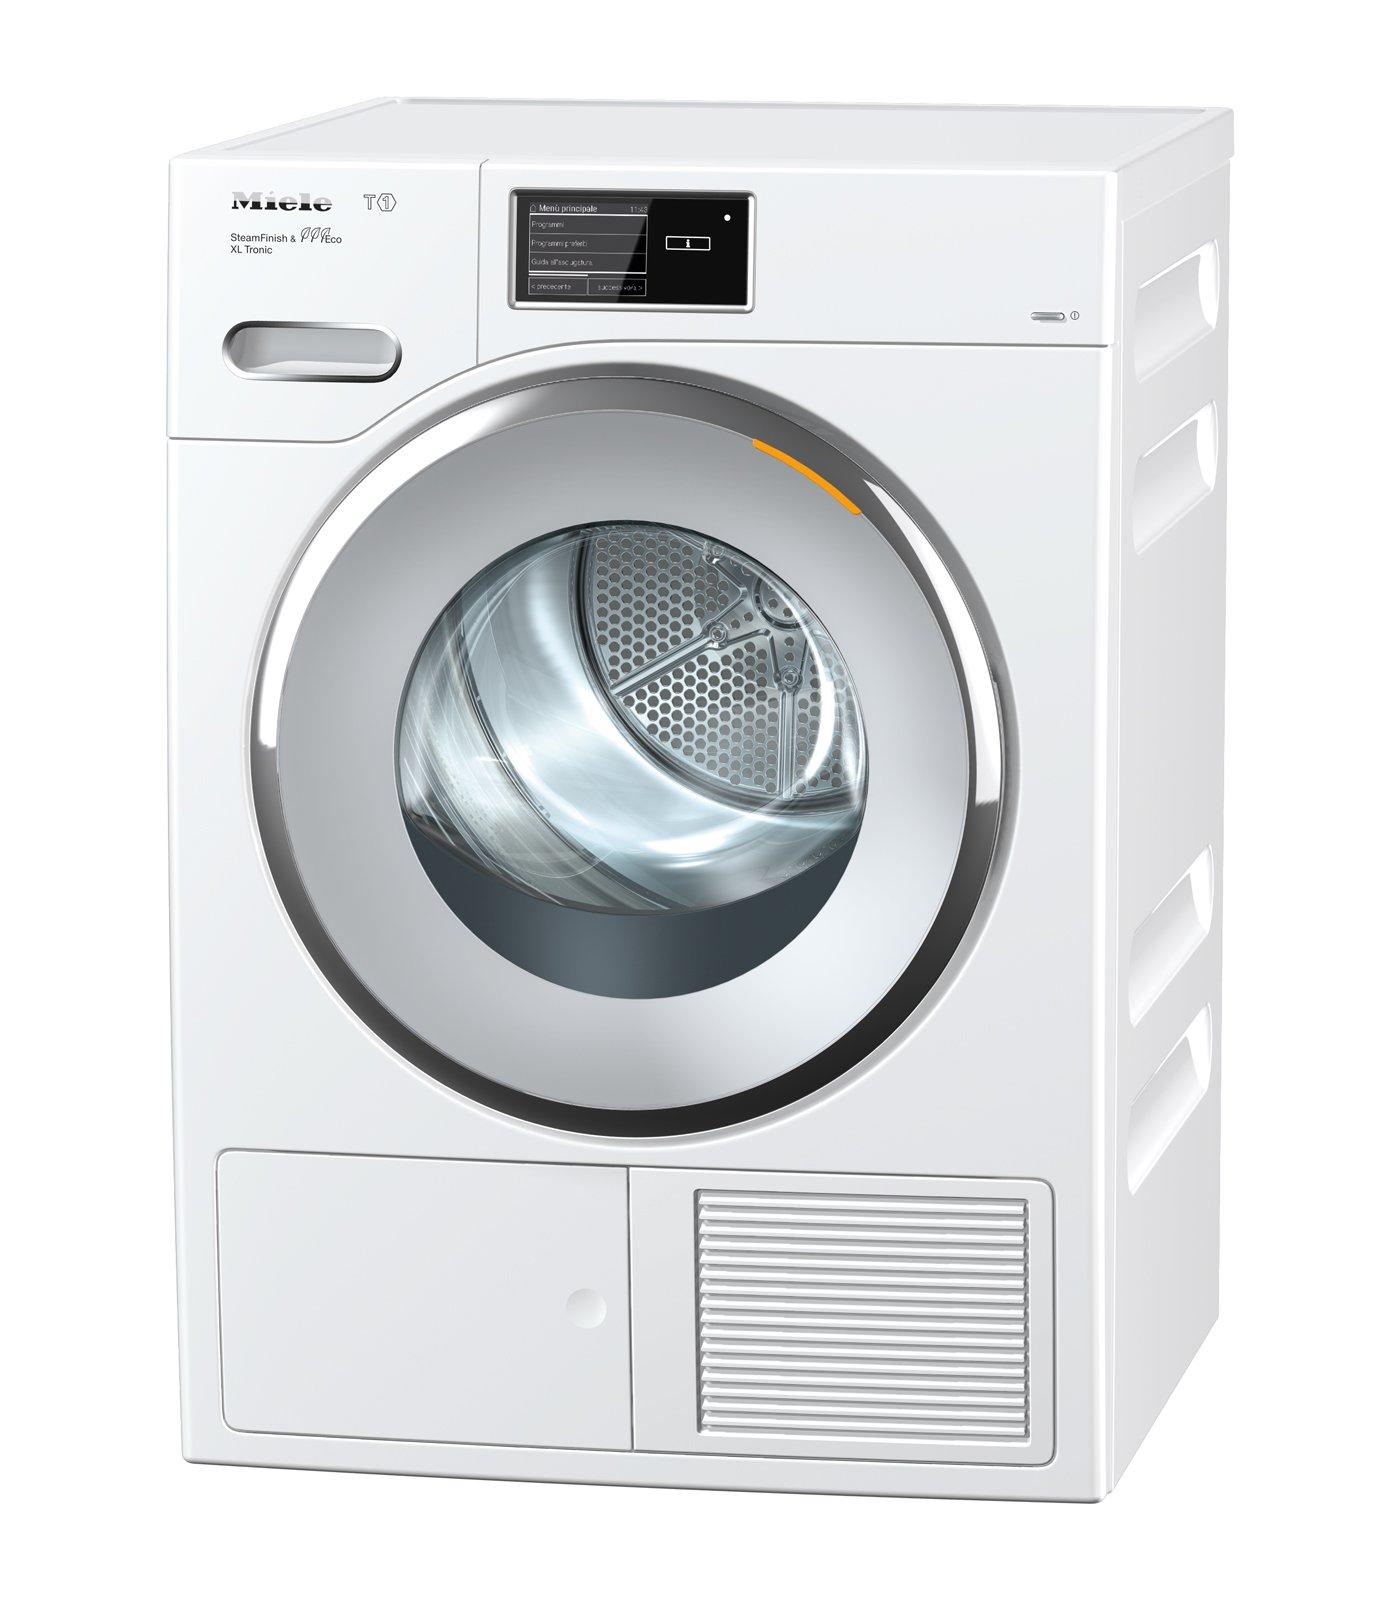 Lavanderia-stireria: tutto quel che serve - Cose di Casa